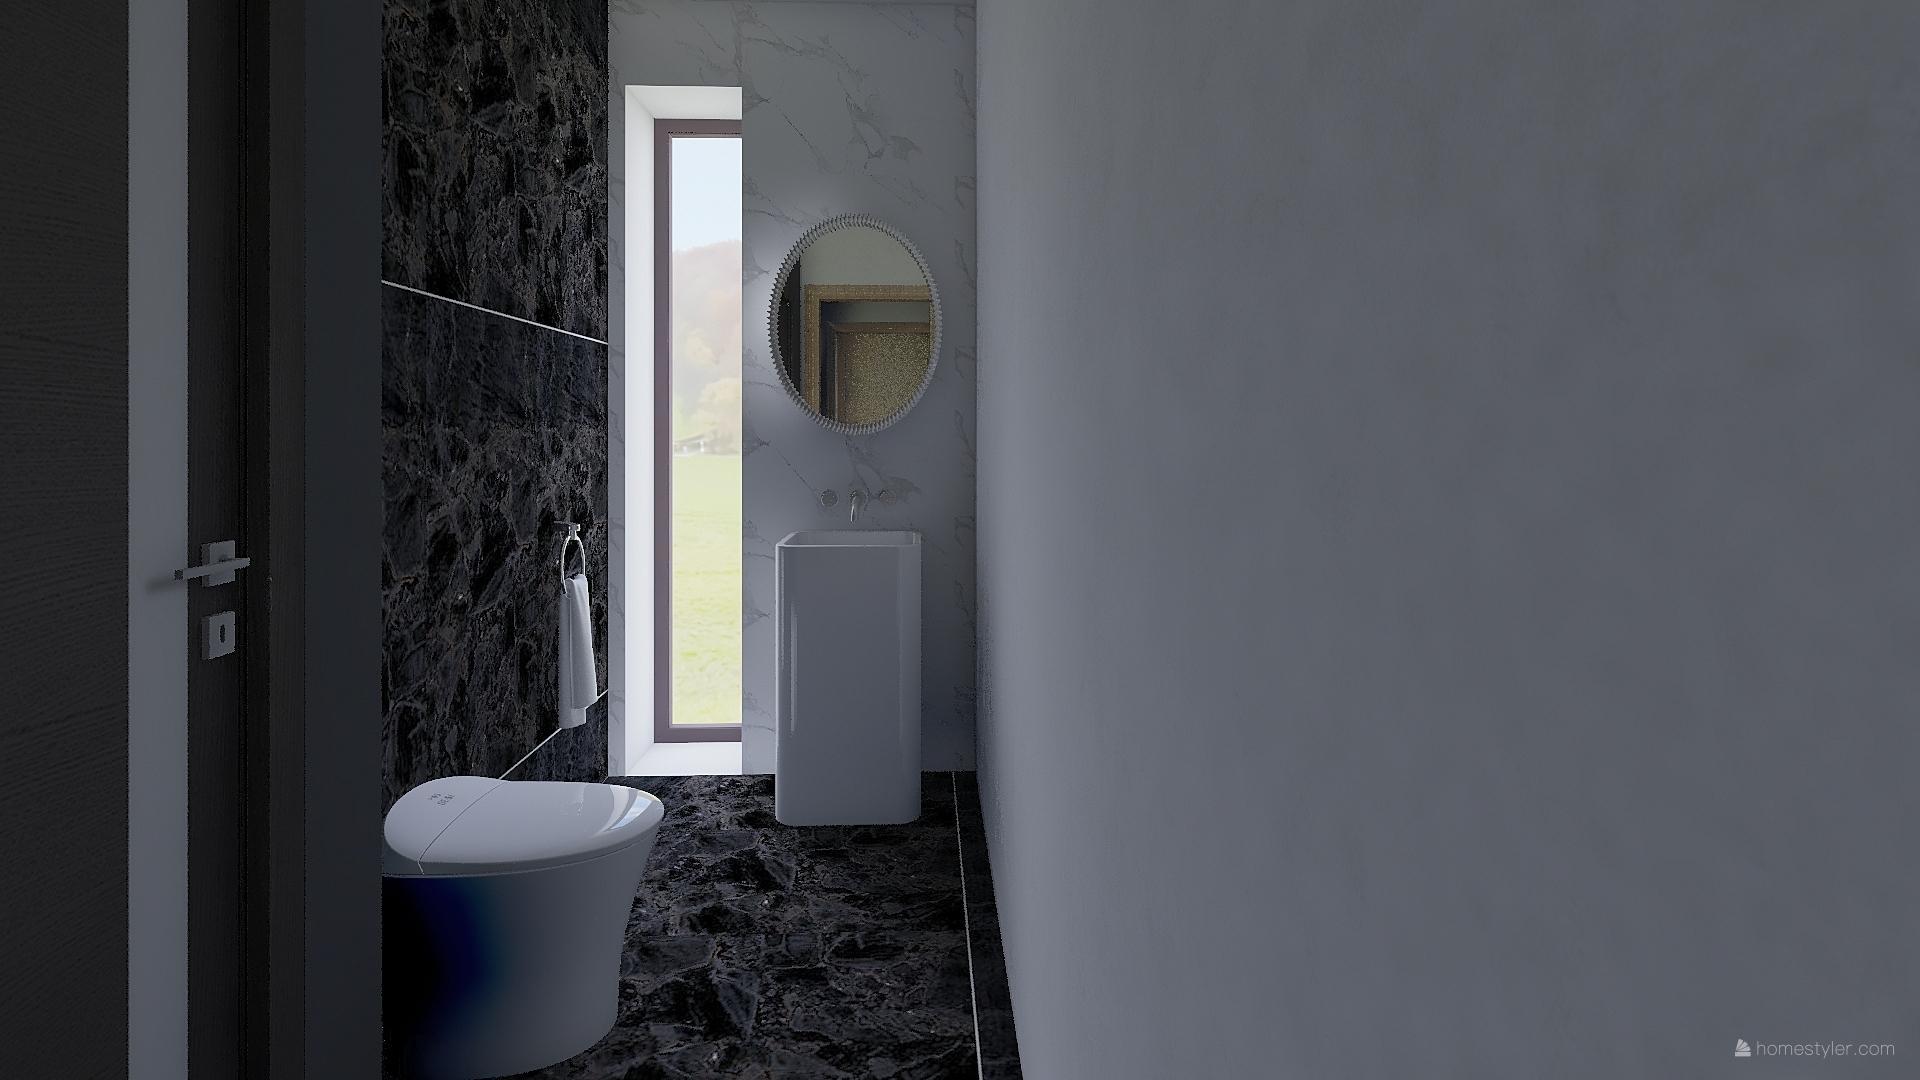 Mé dokonale nedokonalé vizualizace našeho budoucího domu - samostatné WC nakonec bude :-)